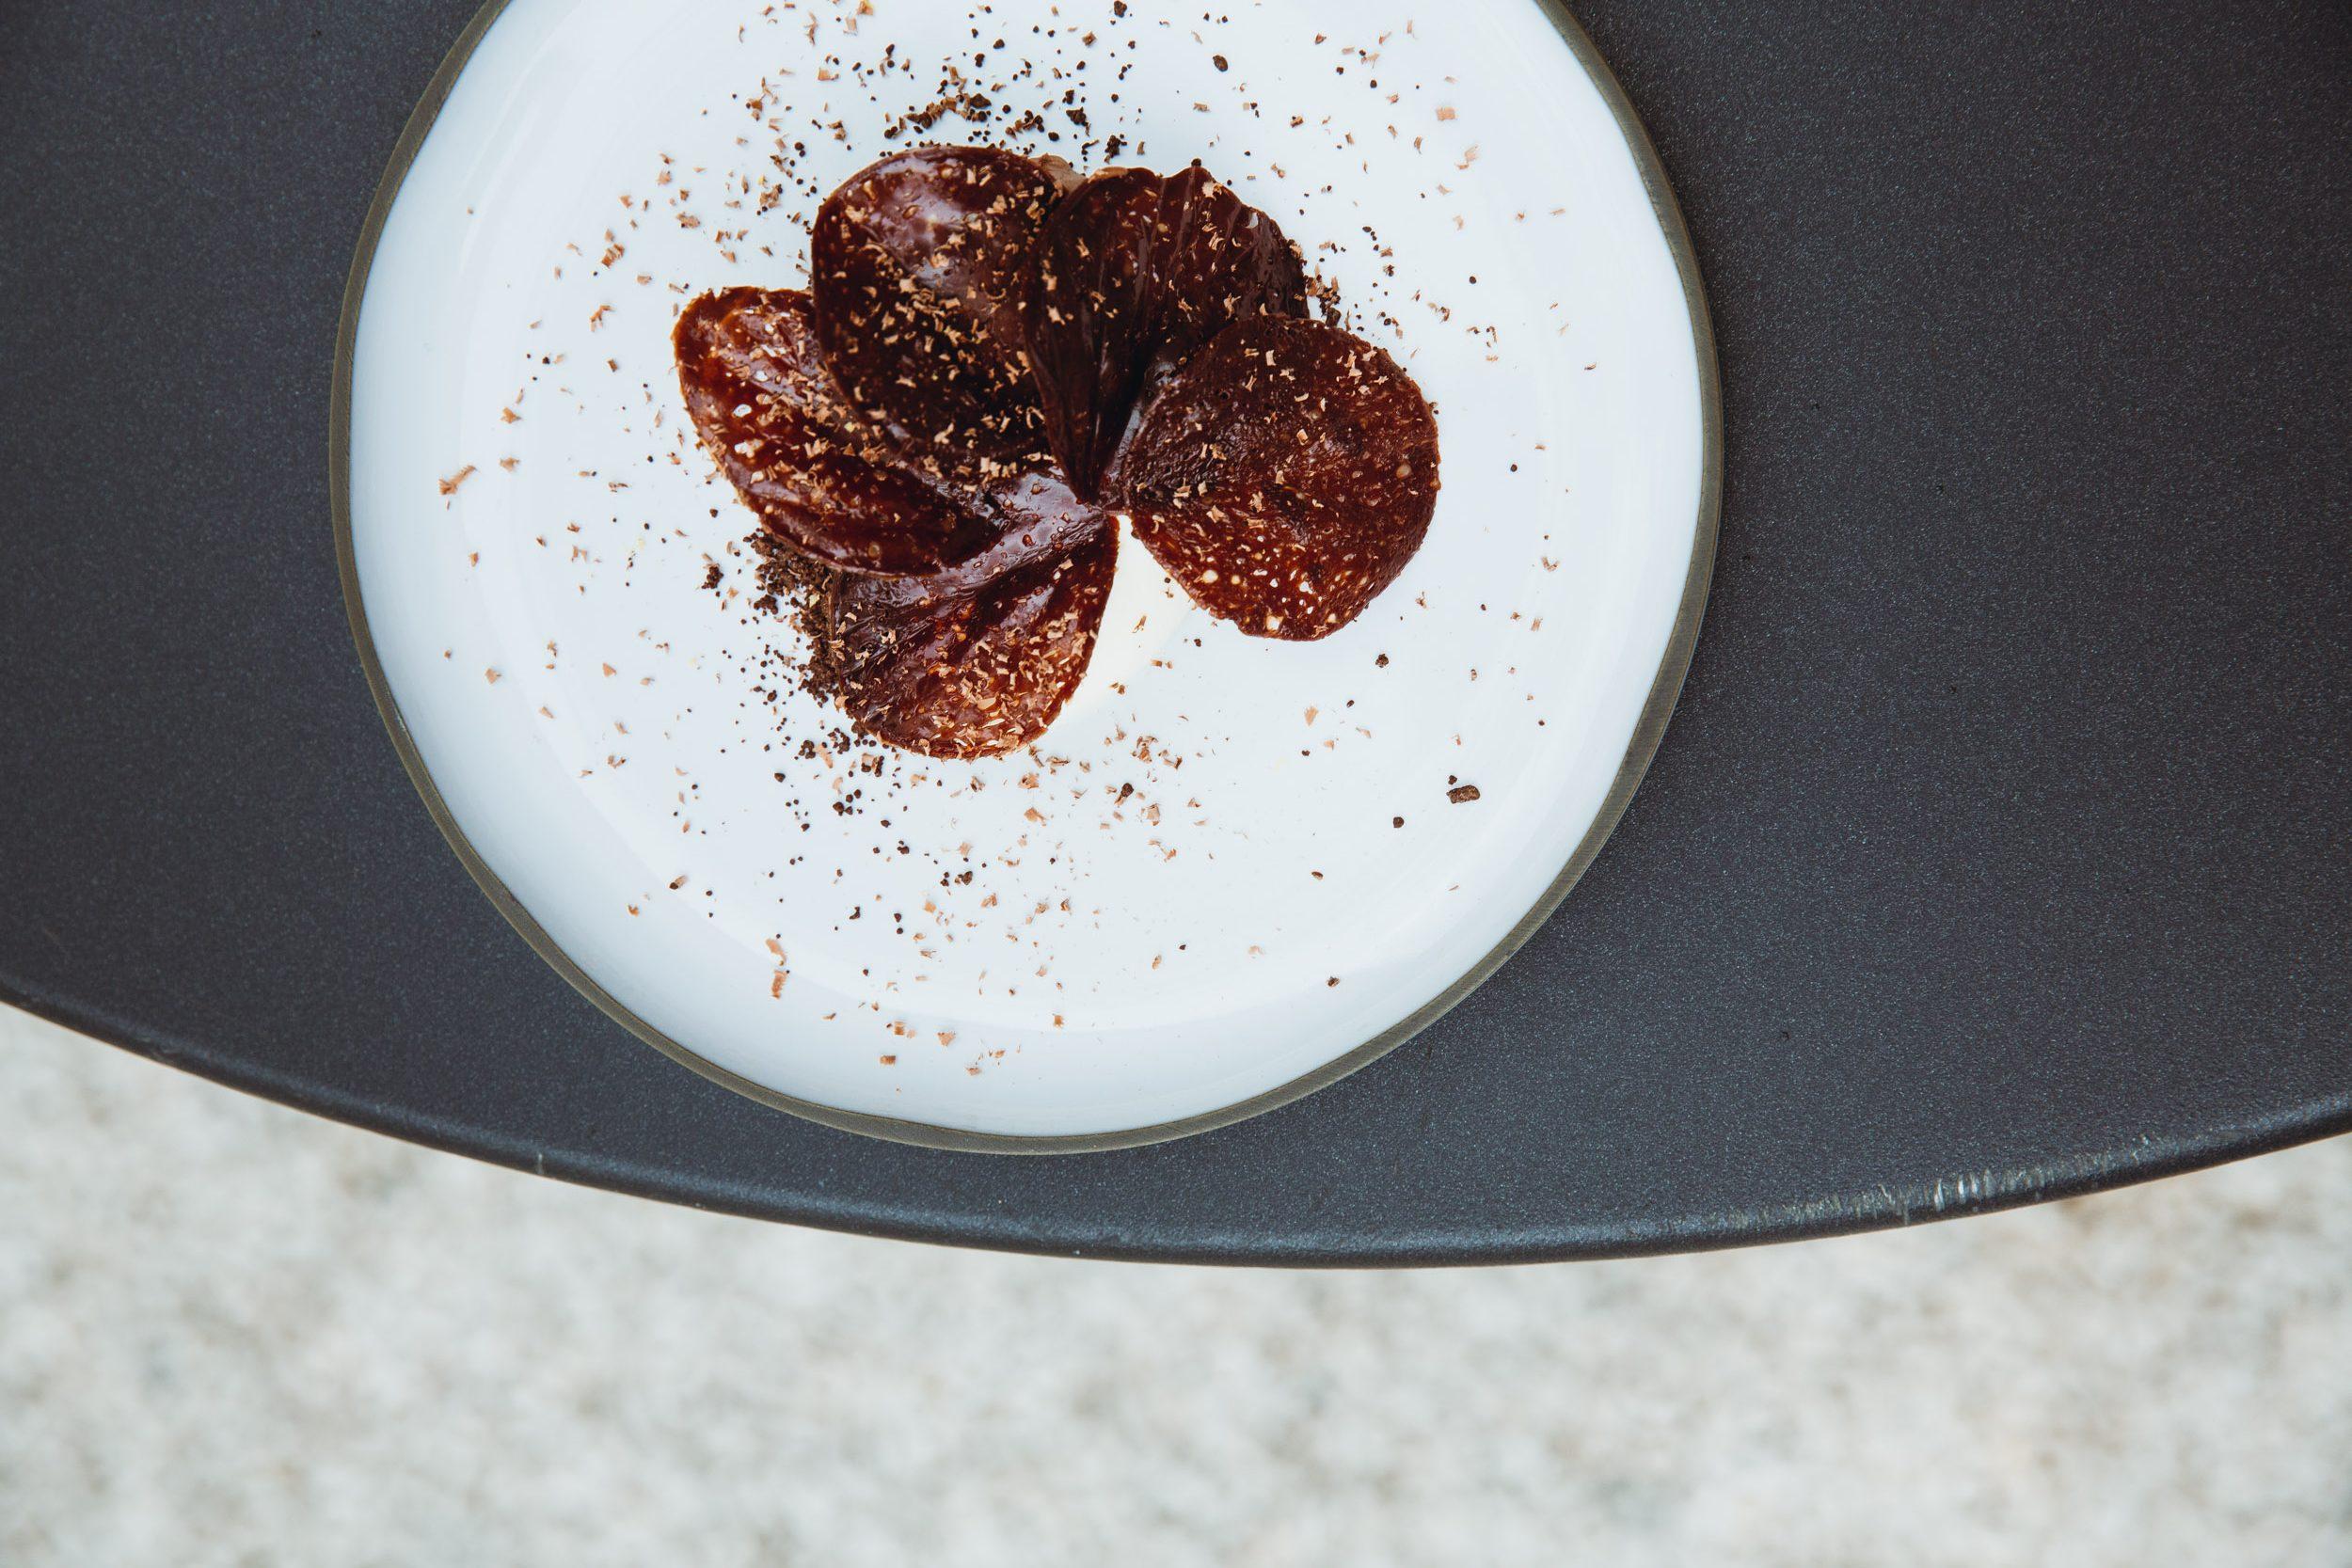 Le chocolat dans tous ses états (c) Mathilda Perrot